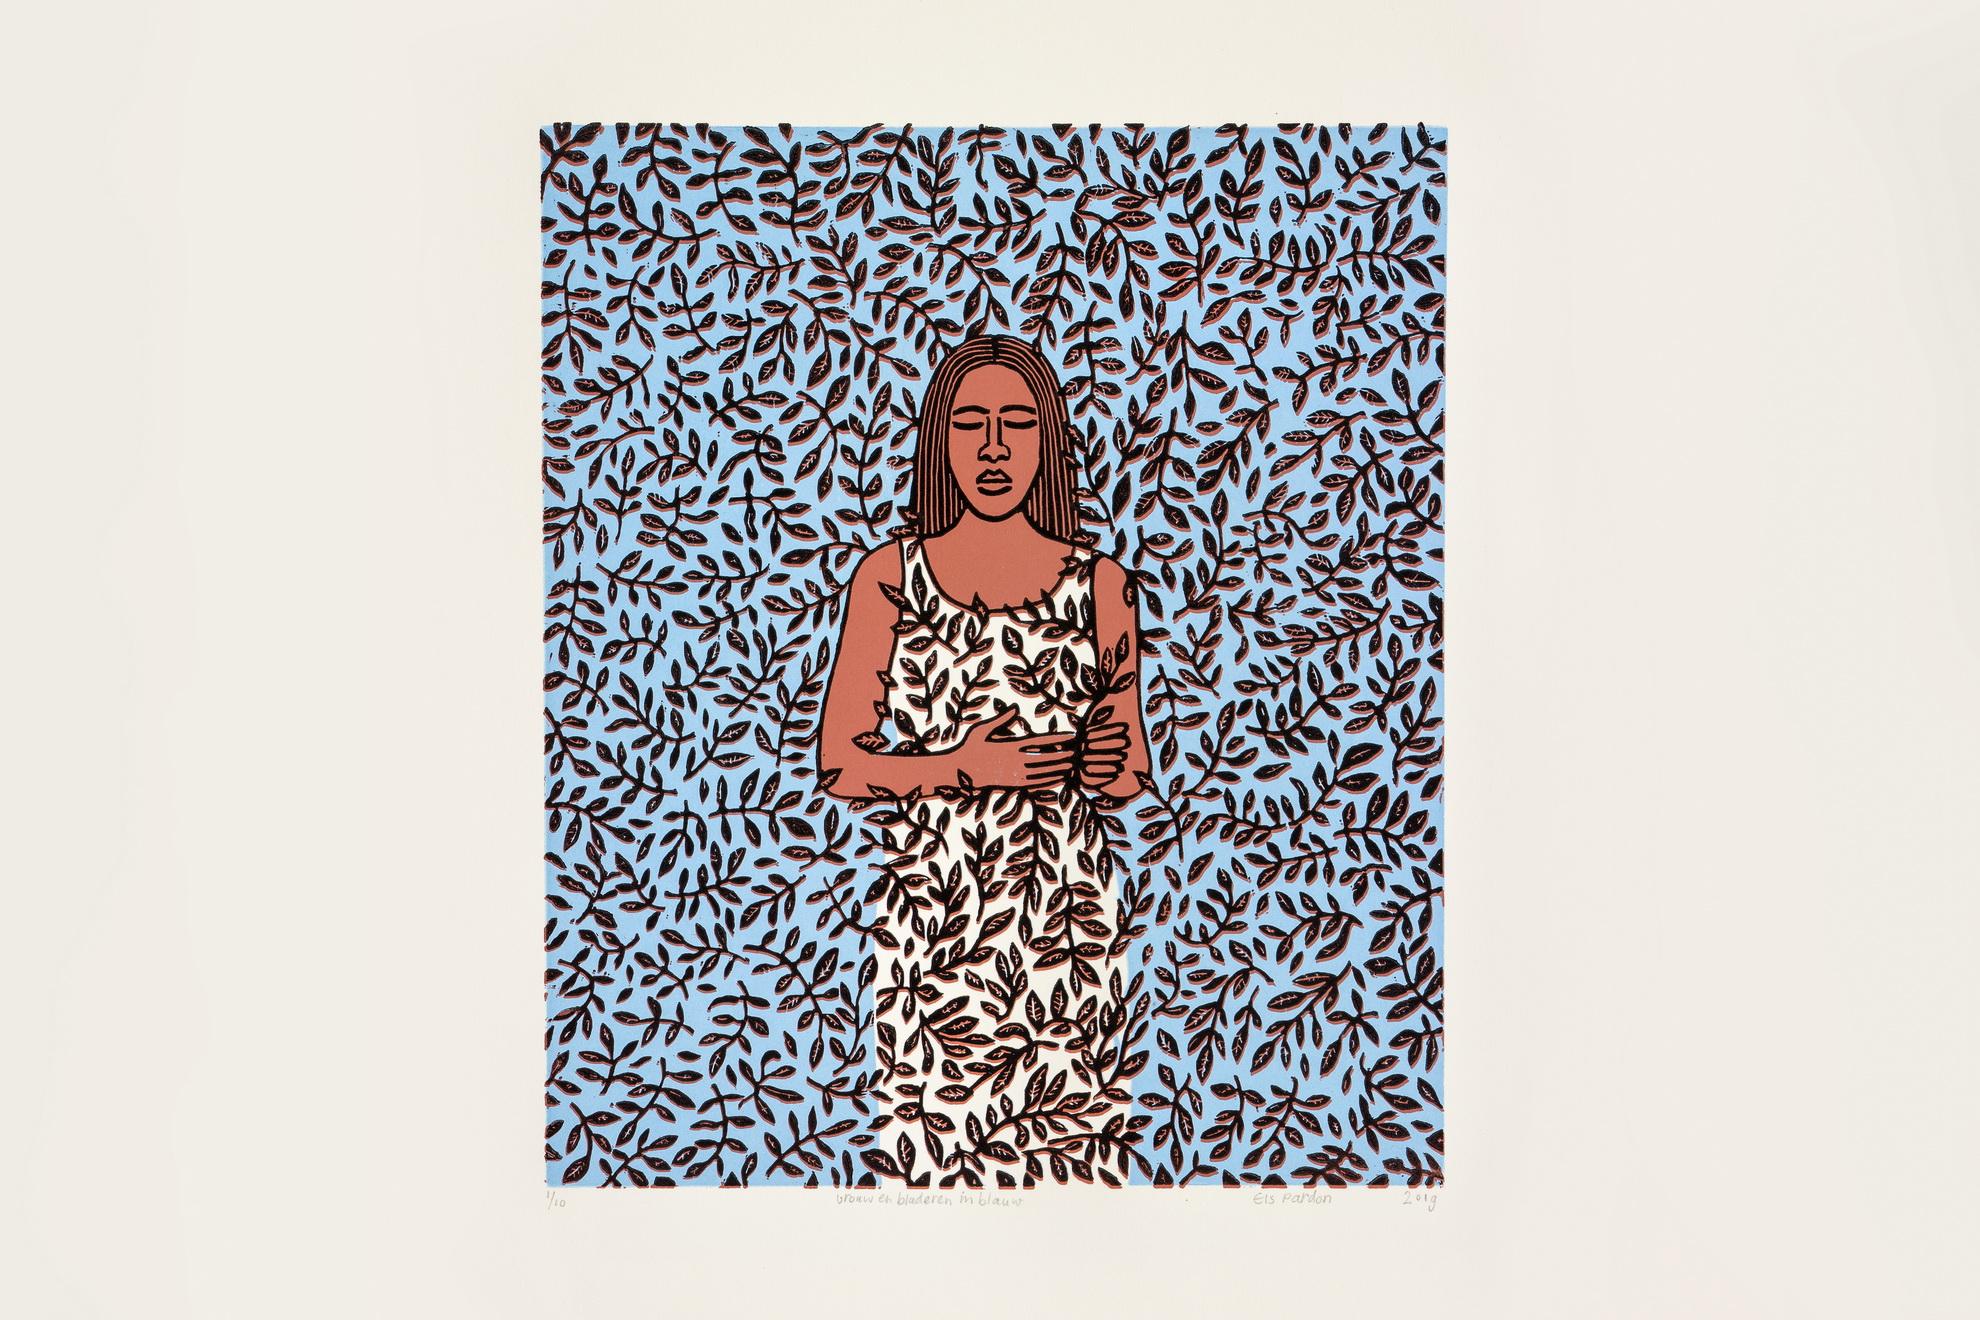 Els Pardon beeldend kunstenaar lino vrouw en bladeren blauw/wit